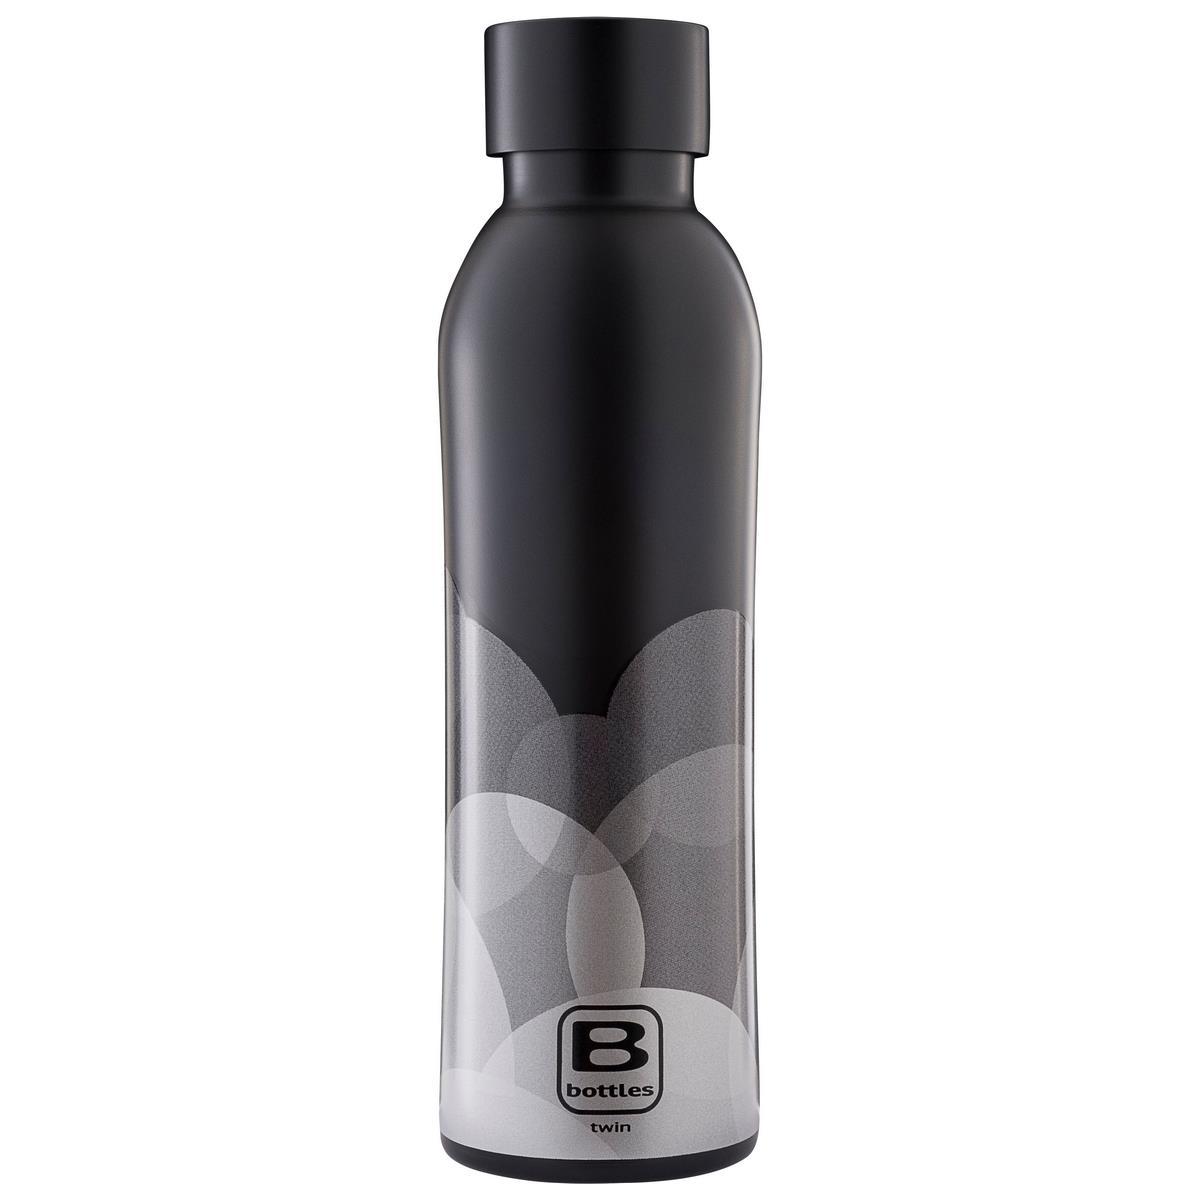 B Bottles Twin - Circle Fade - 500 ml - Bottiglia Termica a doppia parete in acciaio inox 18/10